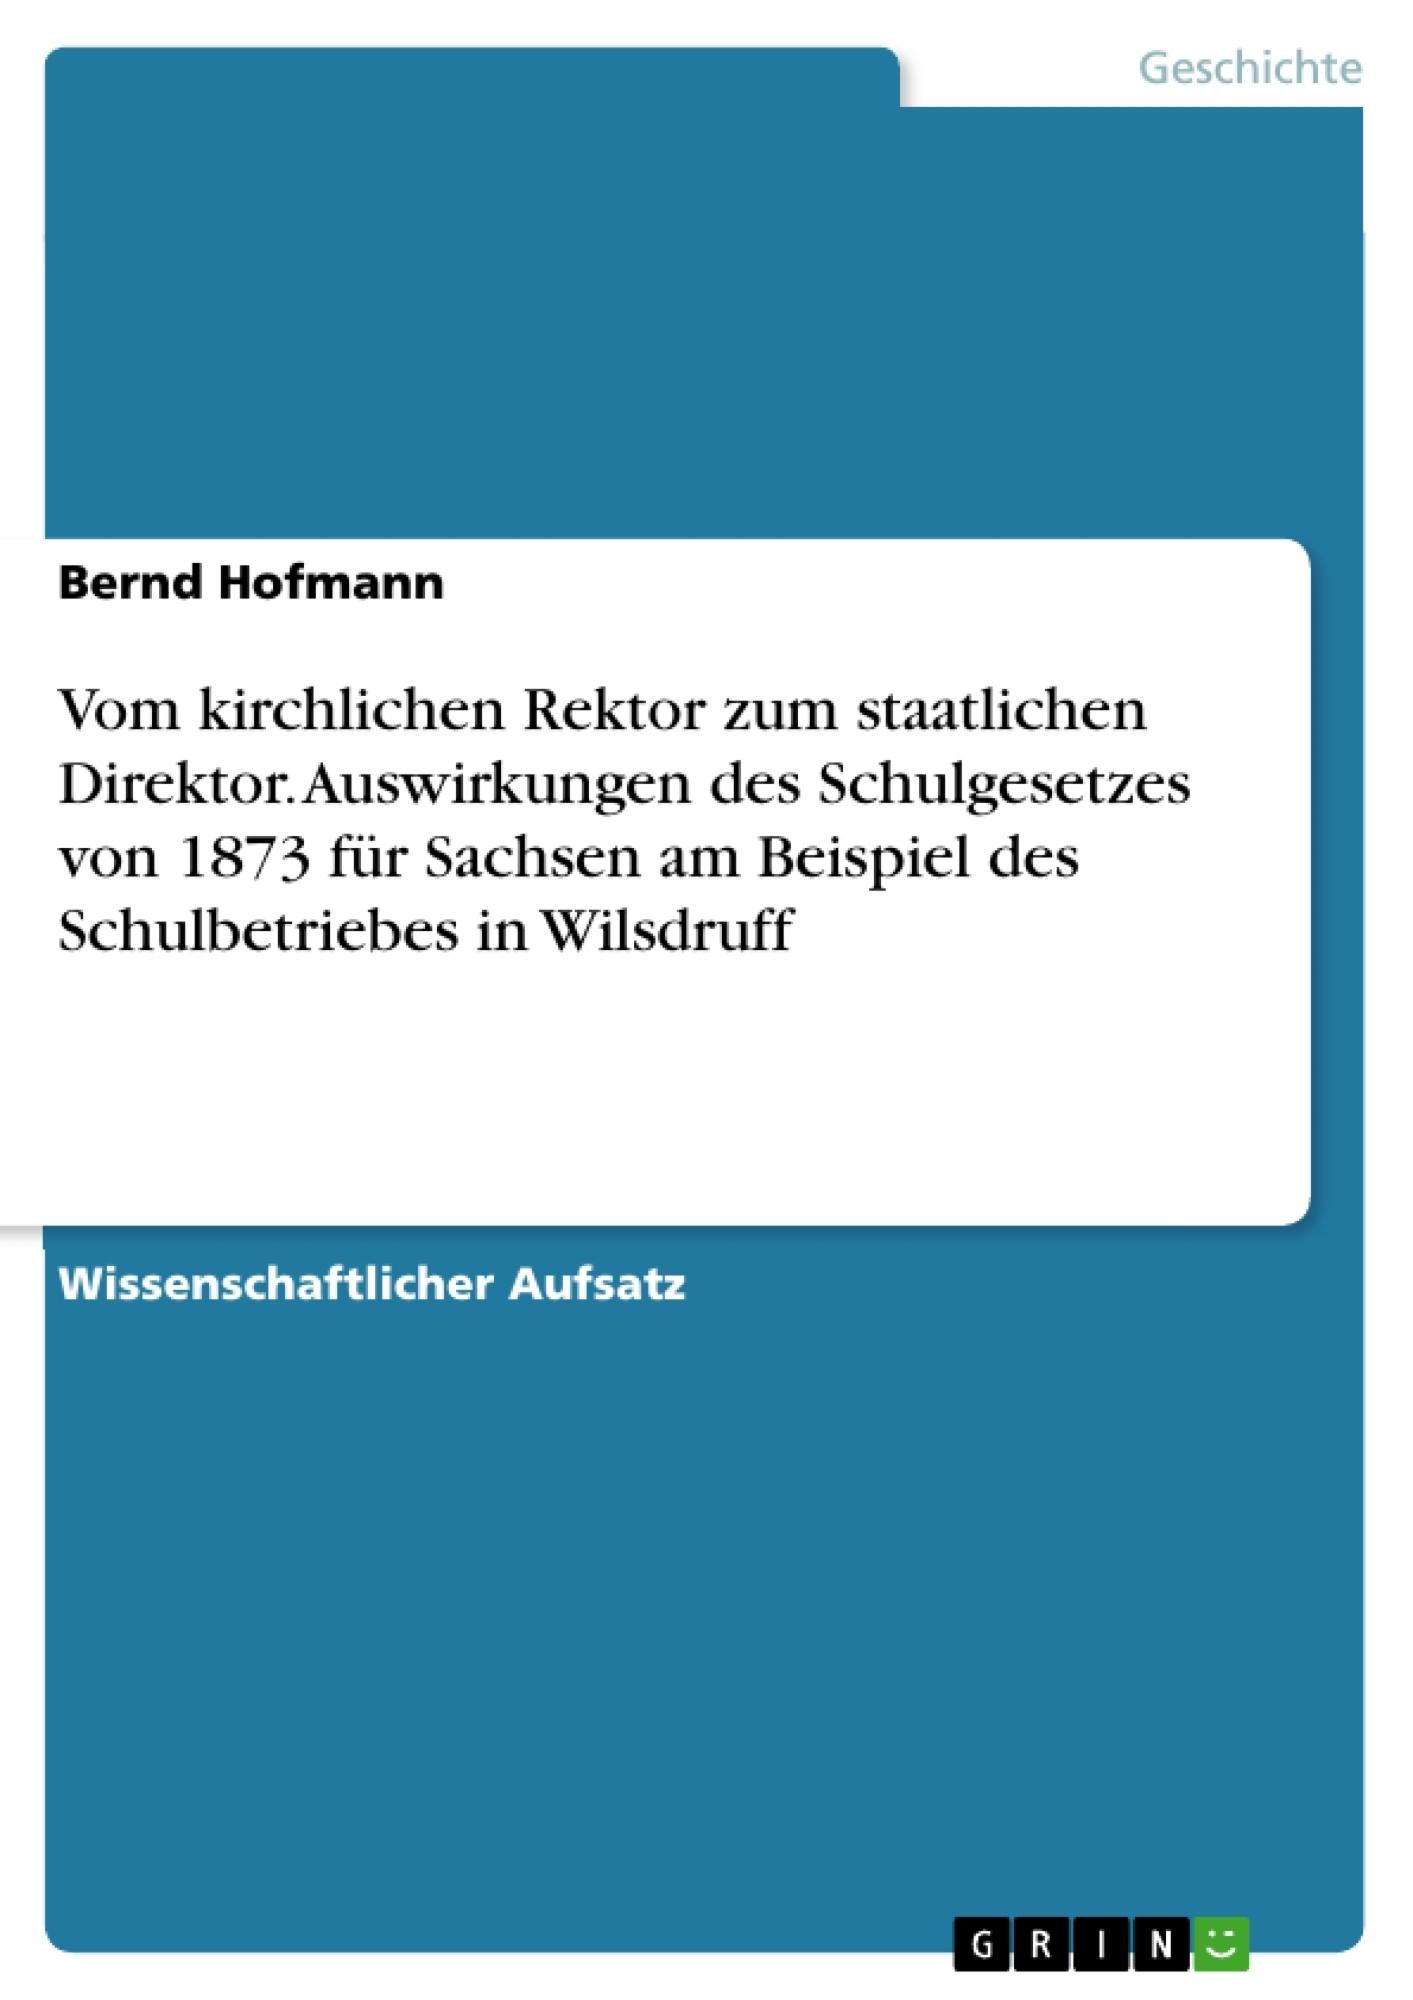 Titel: Vom kirchlichen Rektor zum staatlichen Direktor. Auswirkungen des Schulgesetzes von 1873 für Sachsen am Beispiel des Schulbetriebes in Wilsdruff